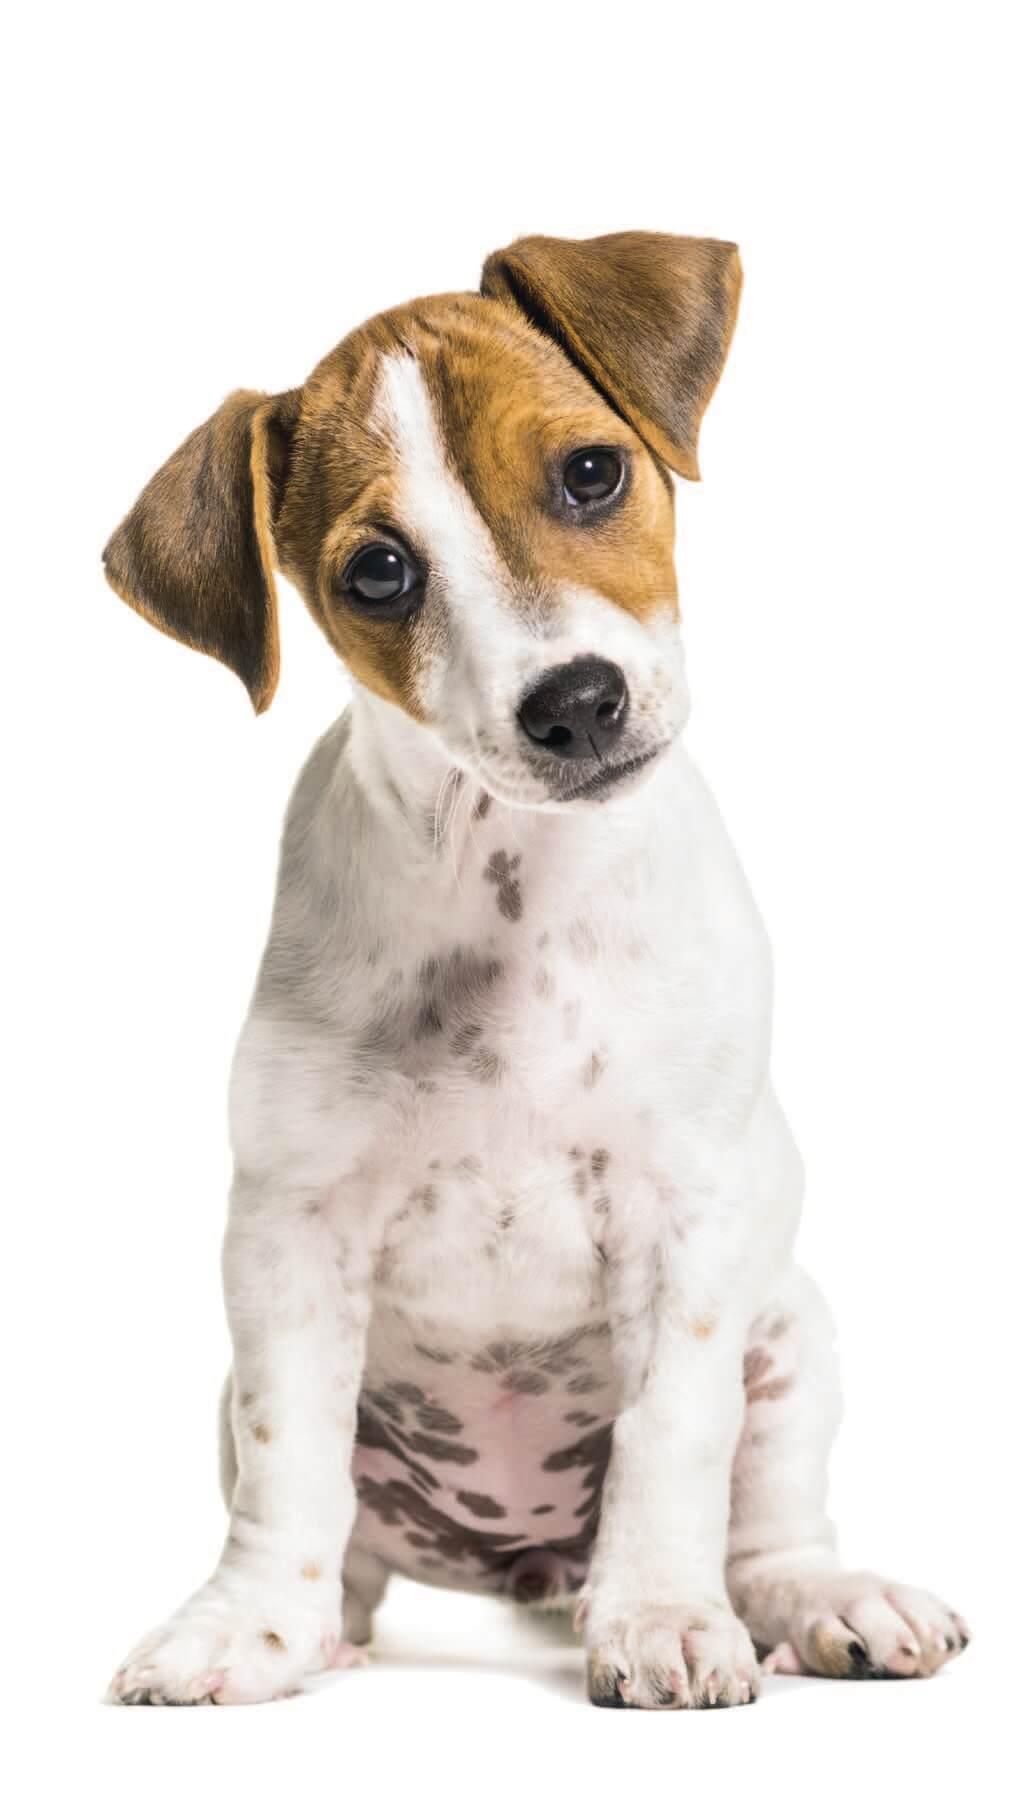 Puppy for Breeder Seminar